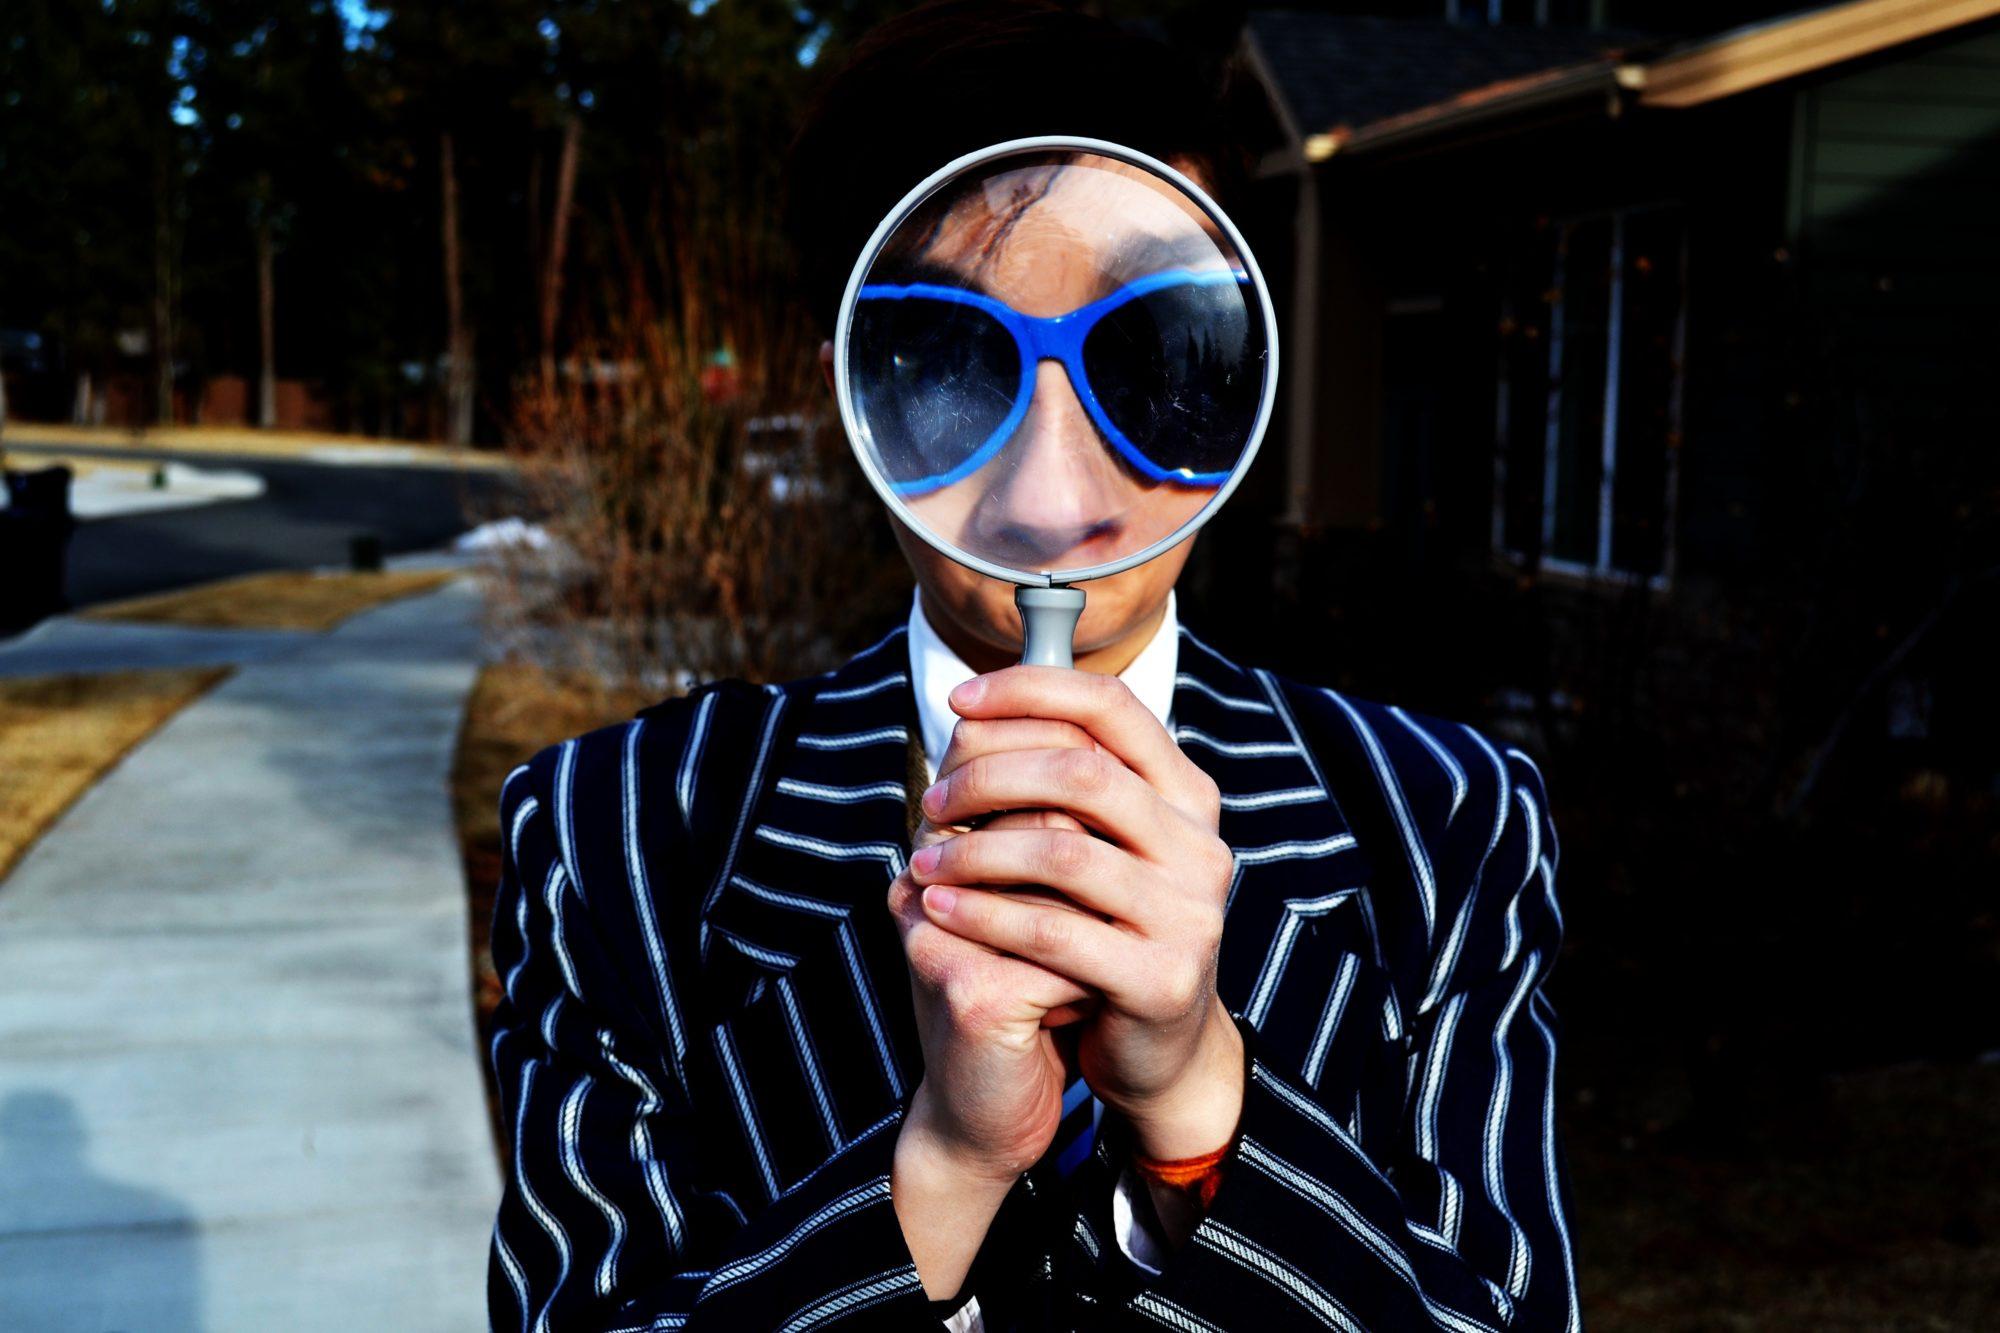 7 lunettes de soleil pour homme stylé pour cet été - Edgard L élégant 90ce8b210177